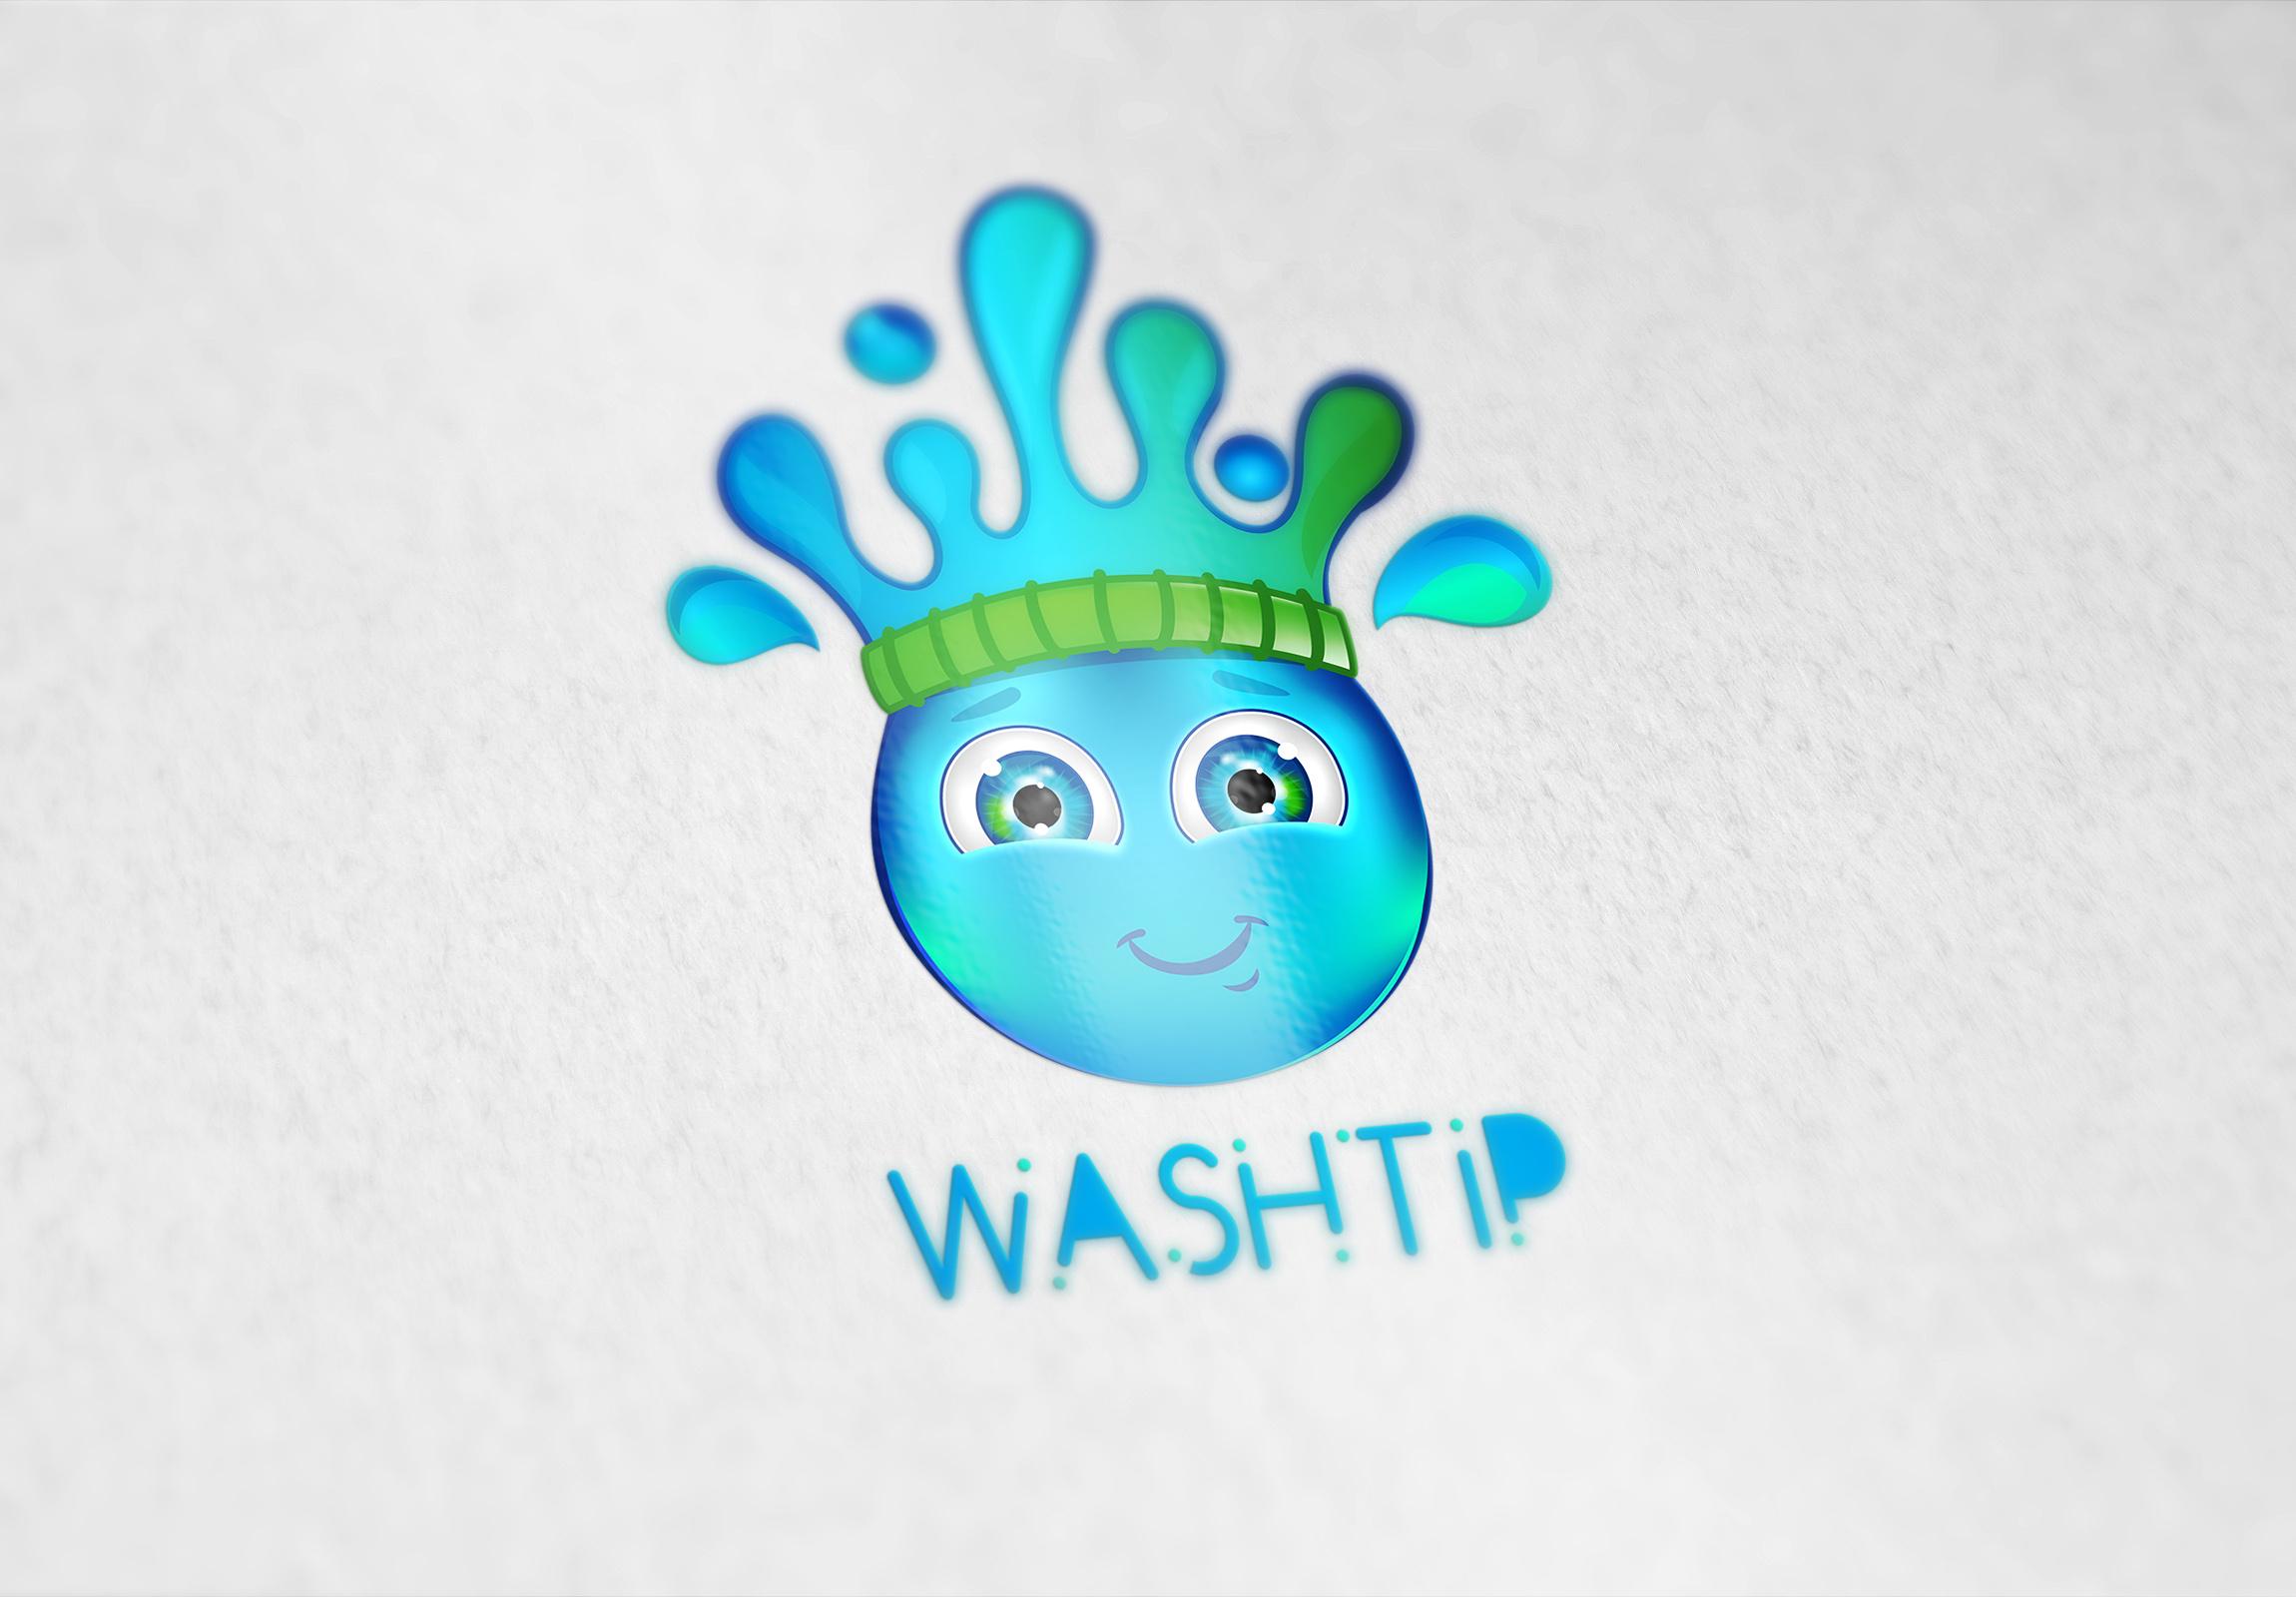 Разработка логотипа для онлайн-сервиса химчистки фото f_1405c066c3785d38.jpg